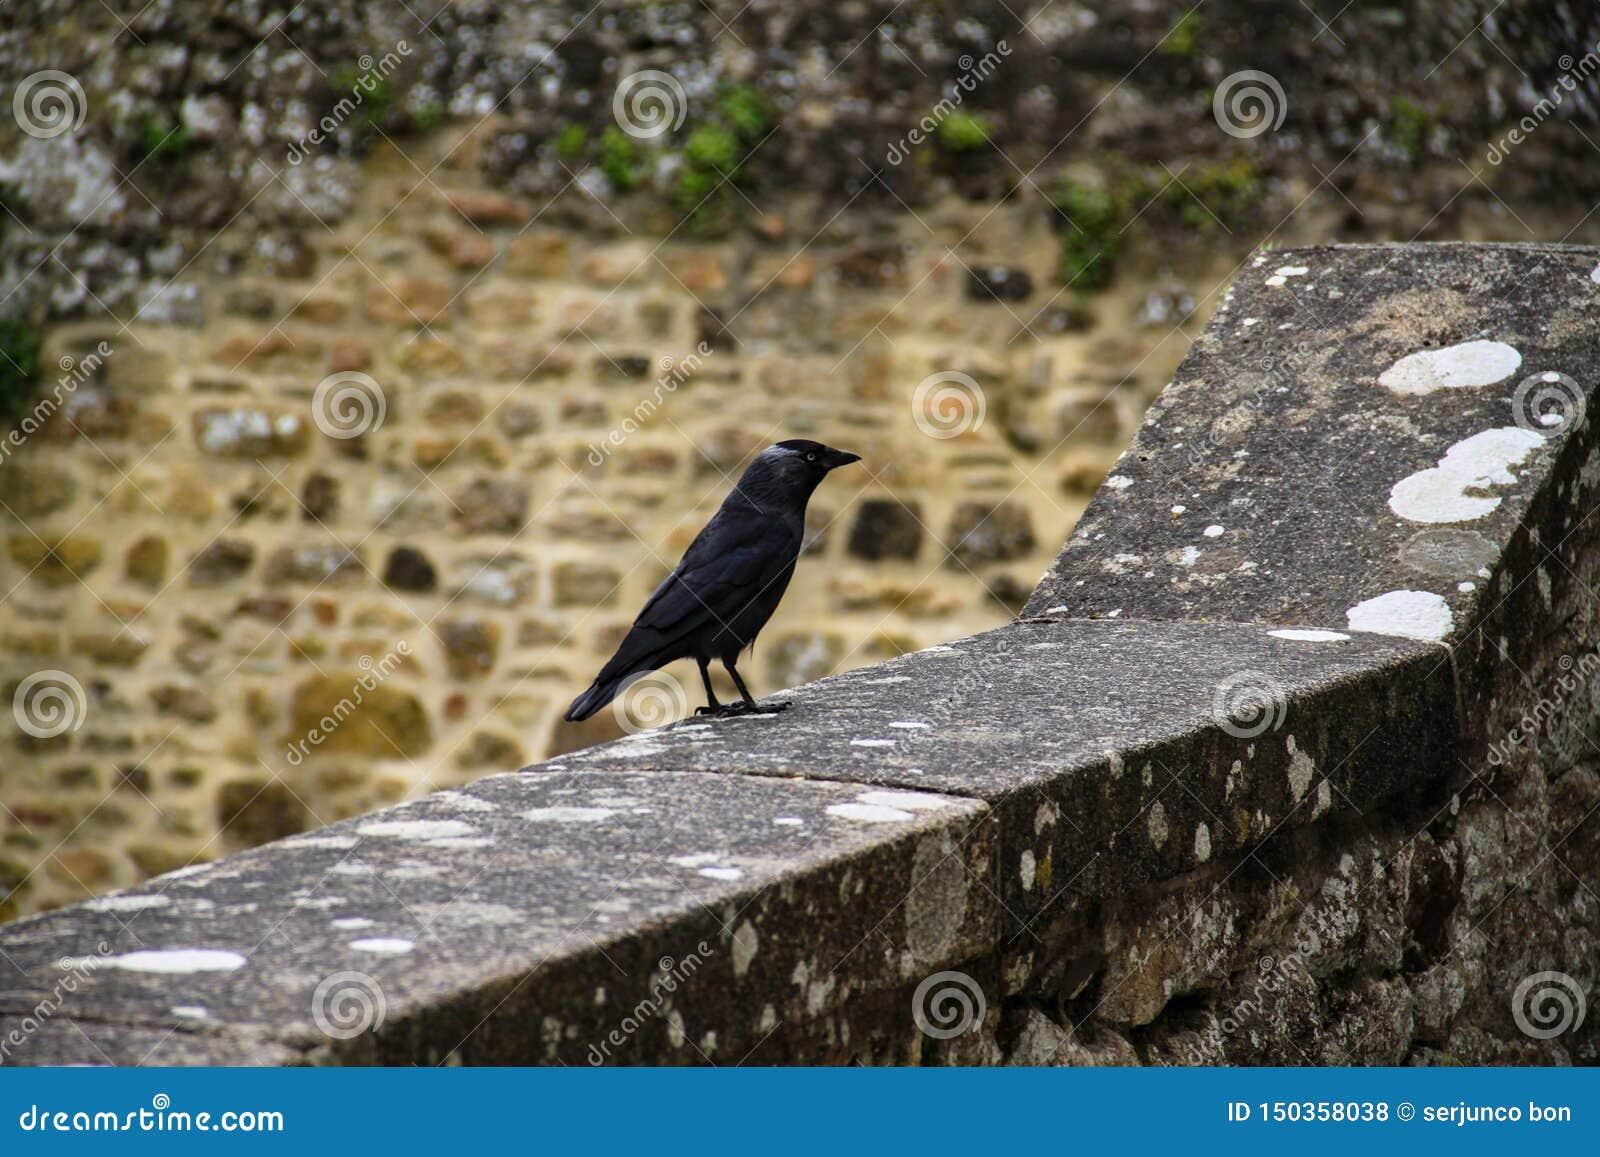 Corneille noire se penchant sur la corniche et avec le mur en pierre à l arrière-plan